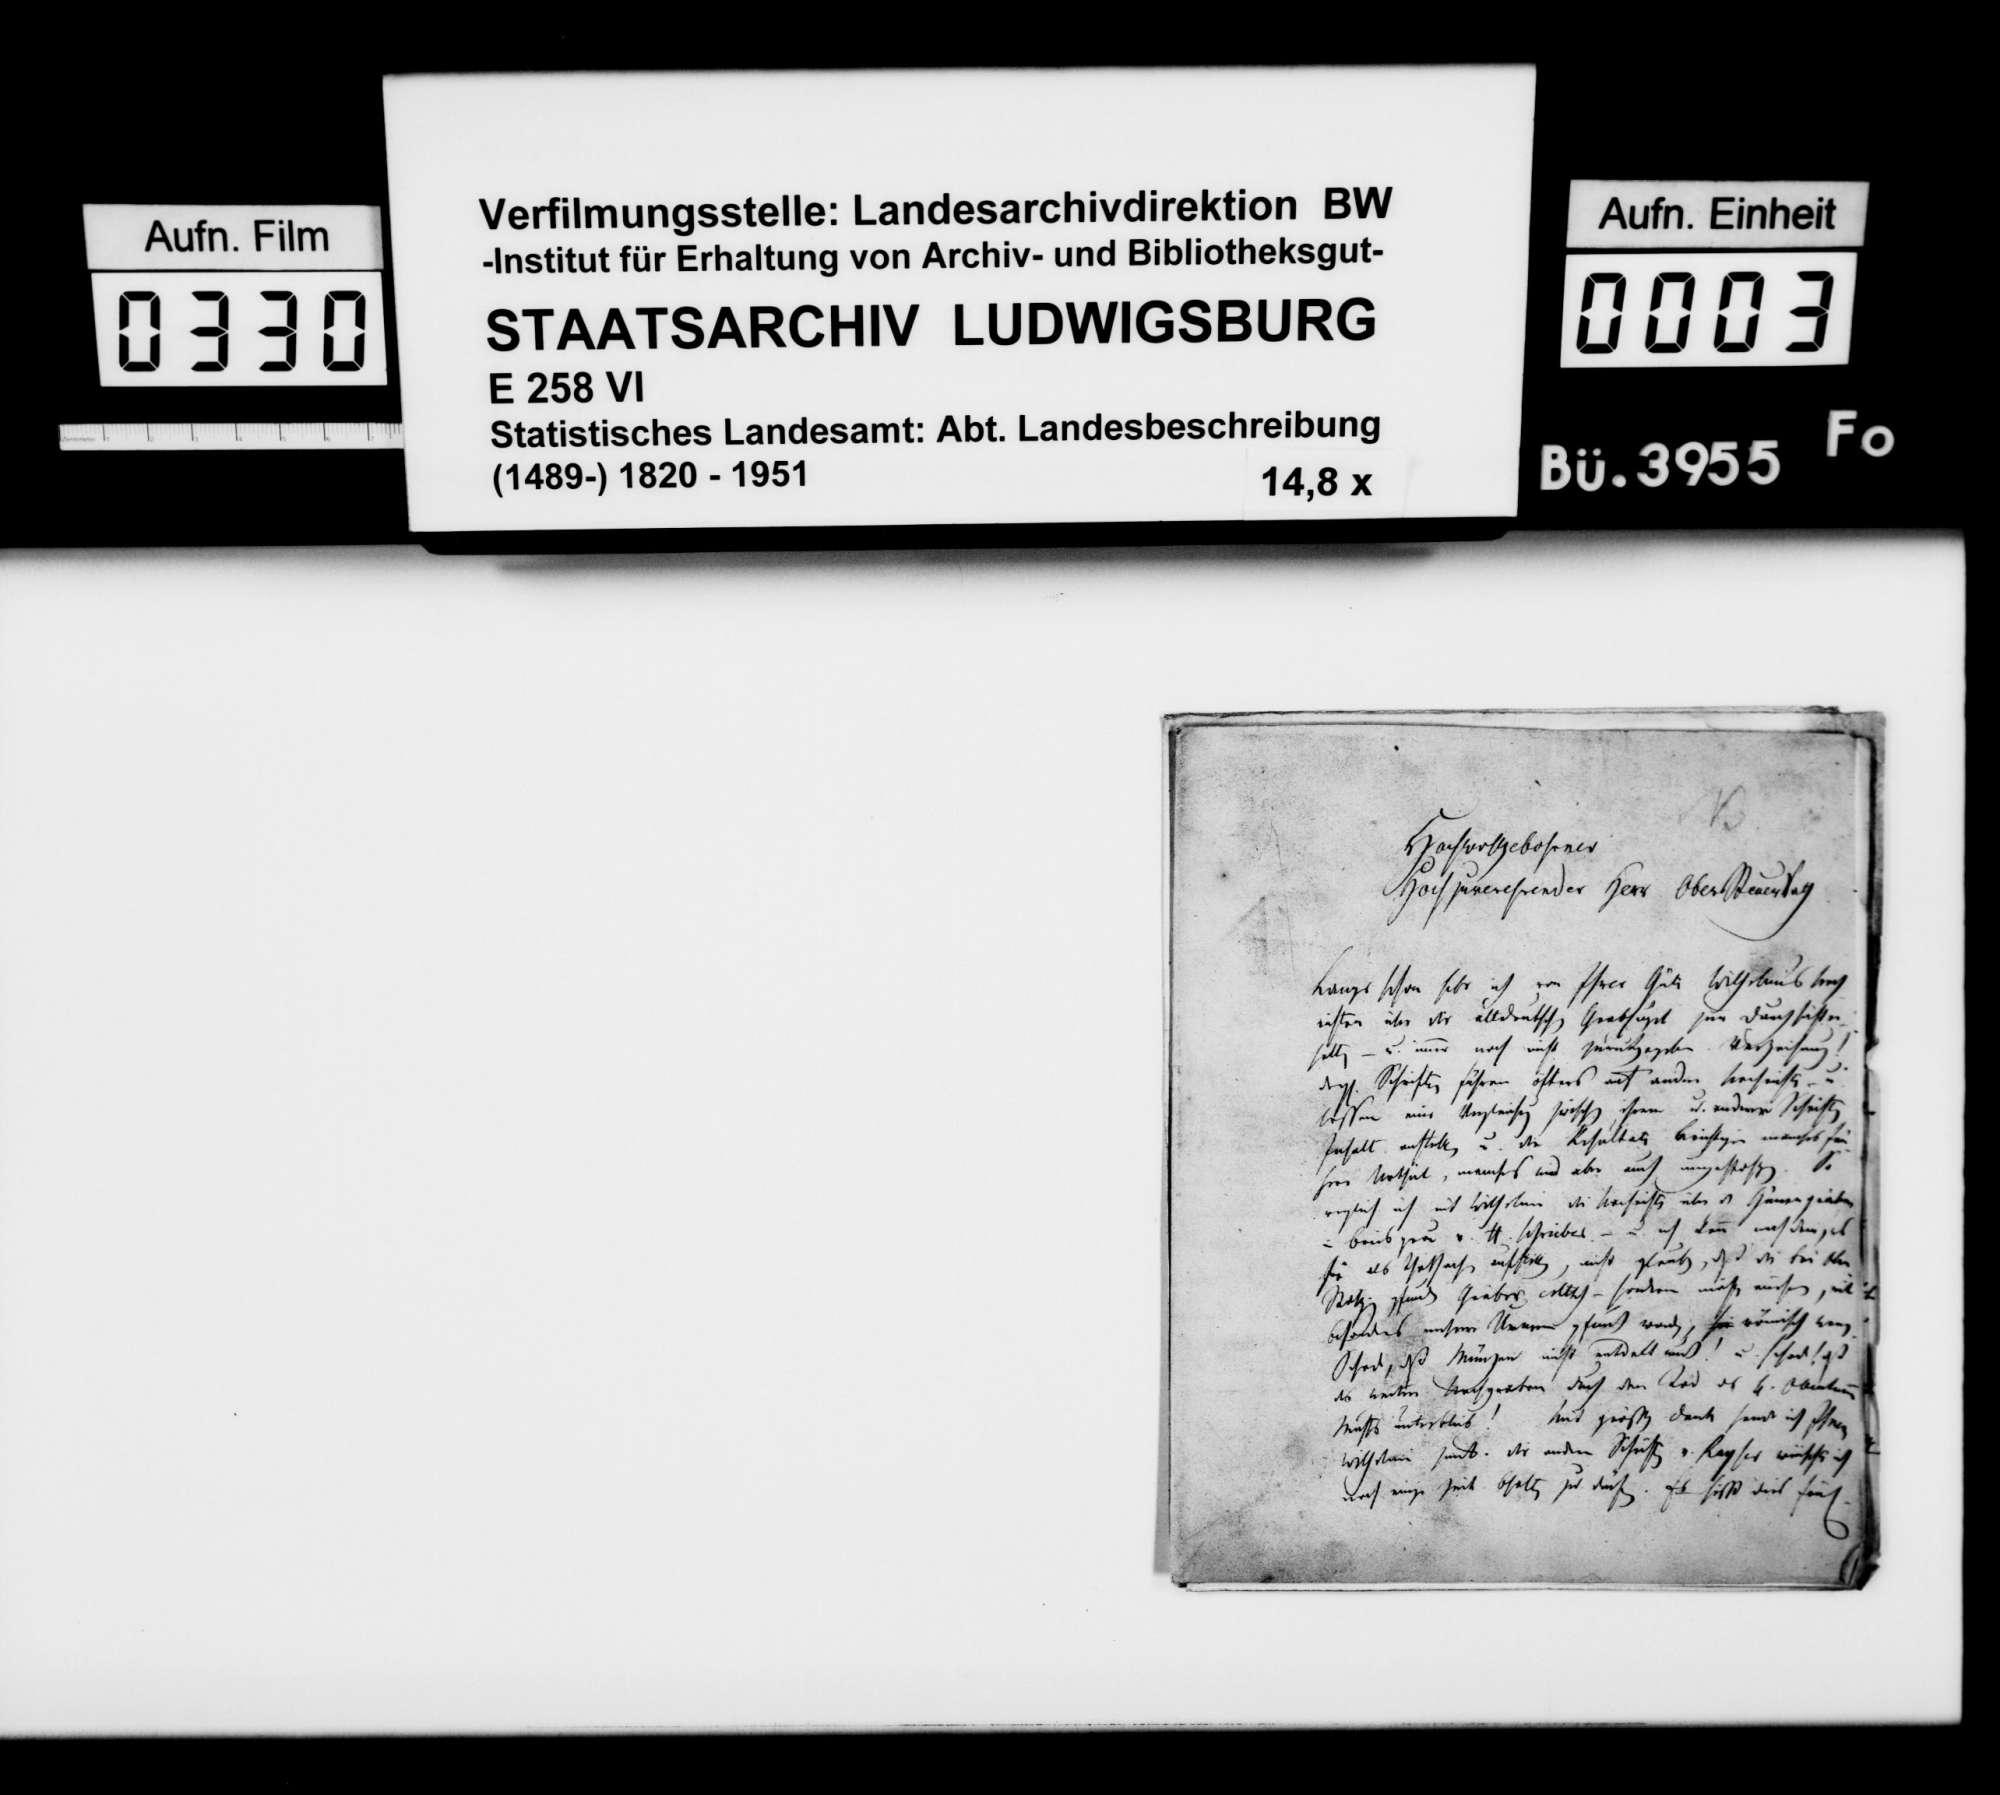 Mitarbeit an der und Auskünfte zur OAB, von Pfarrer Dieterich aus Langenau, Bild 2